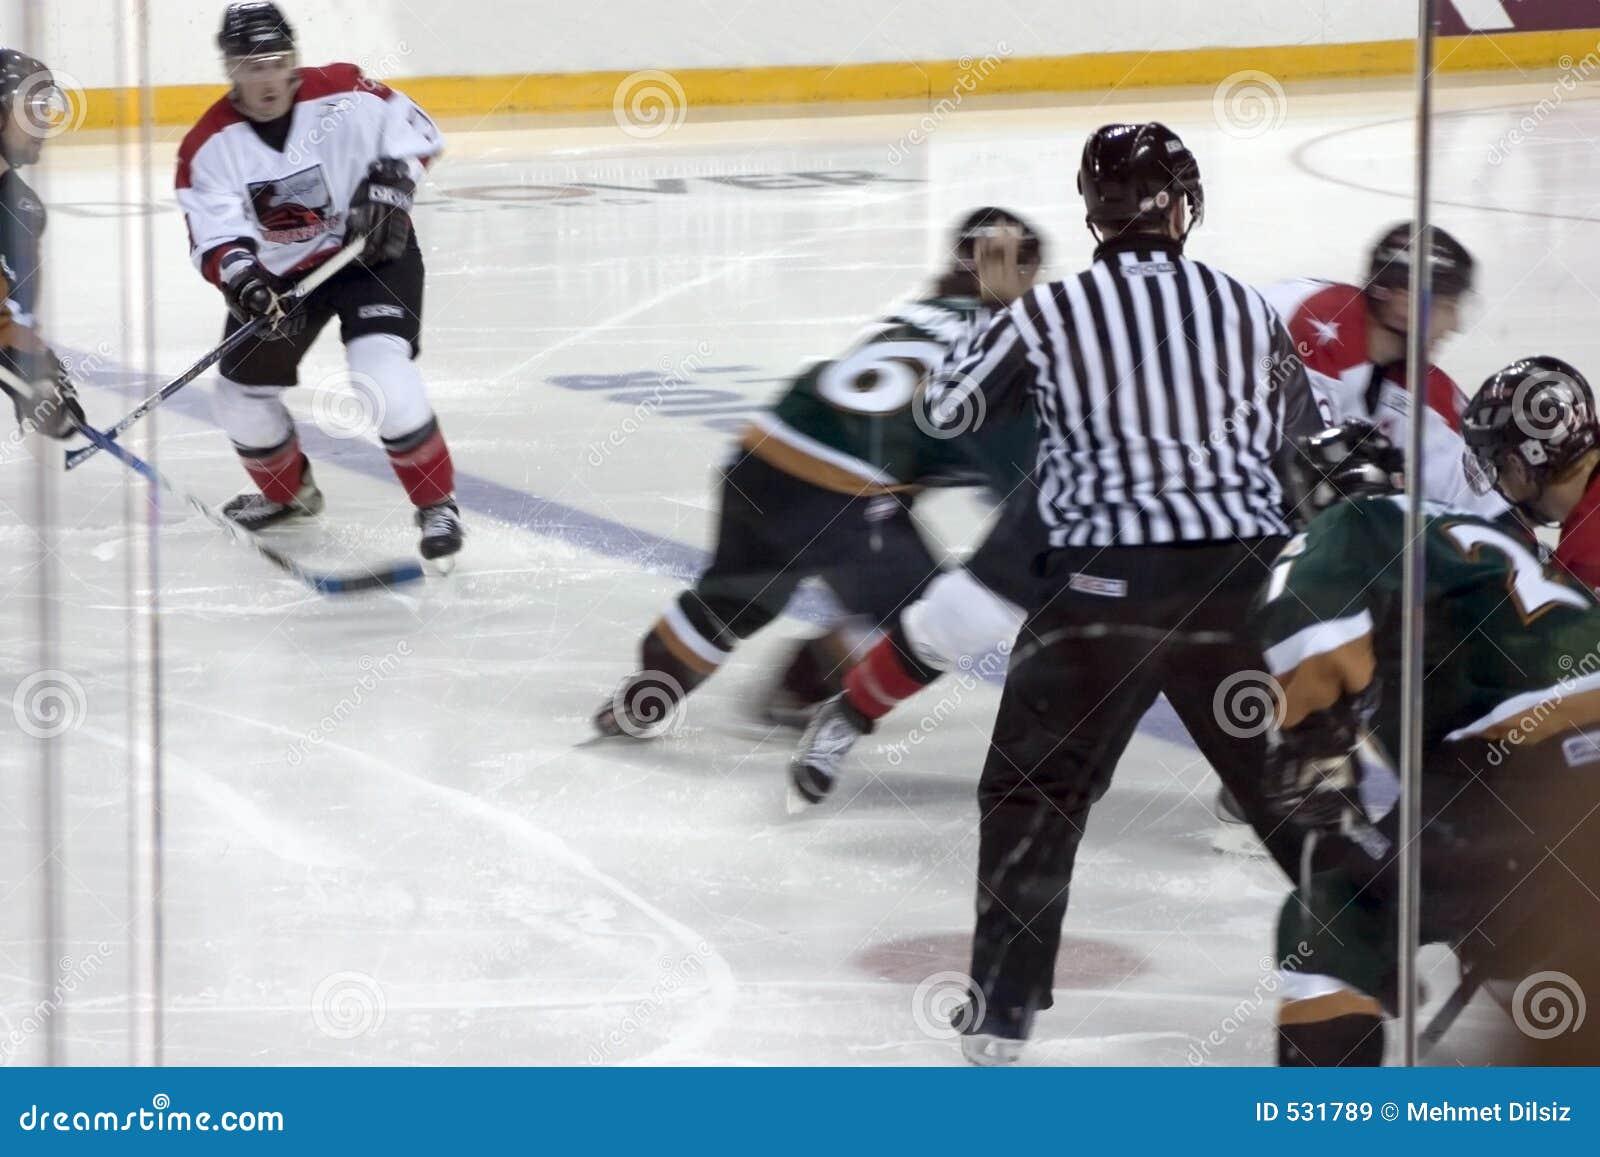 Download 比赛曲棍球冰 库存图片. 图片 包括有 顽童, 曲棍球, 体育运动, 射击, 保障, 防御者, 冰鞋, 球员 - 531789